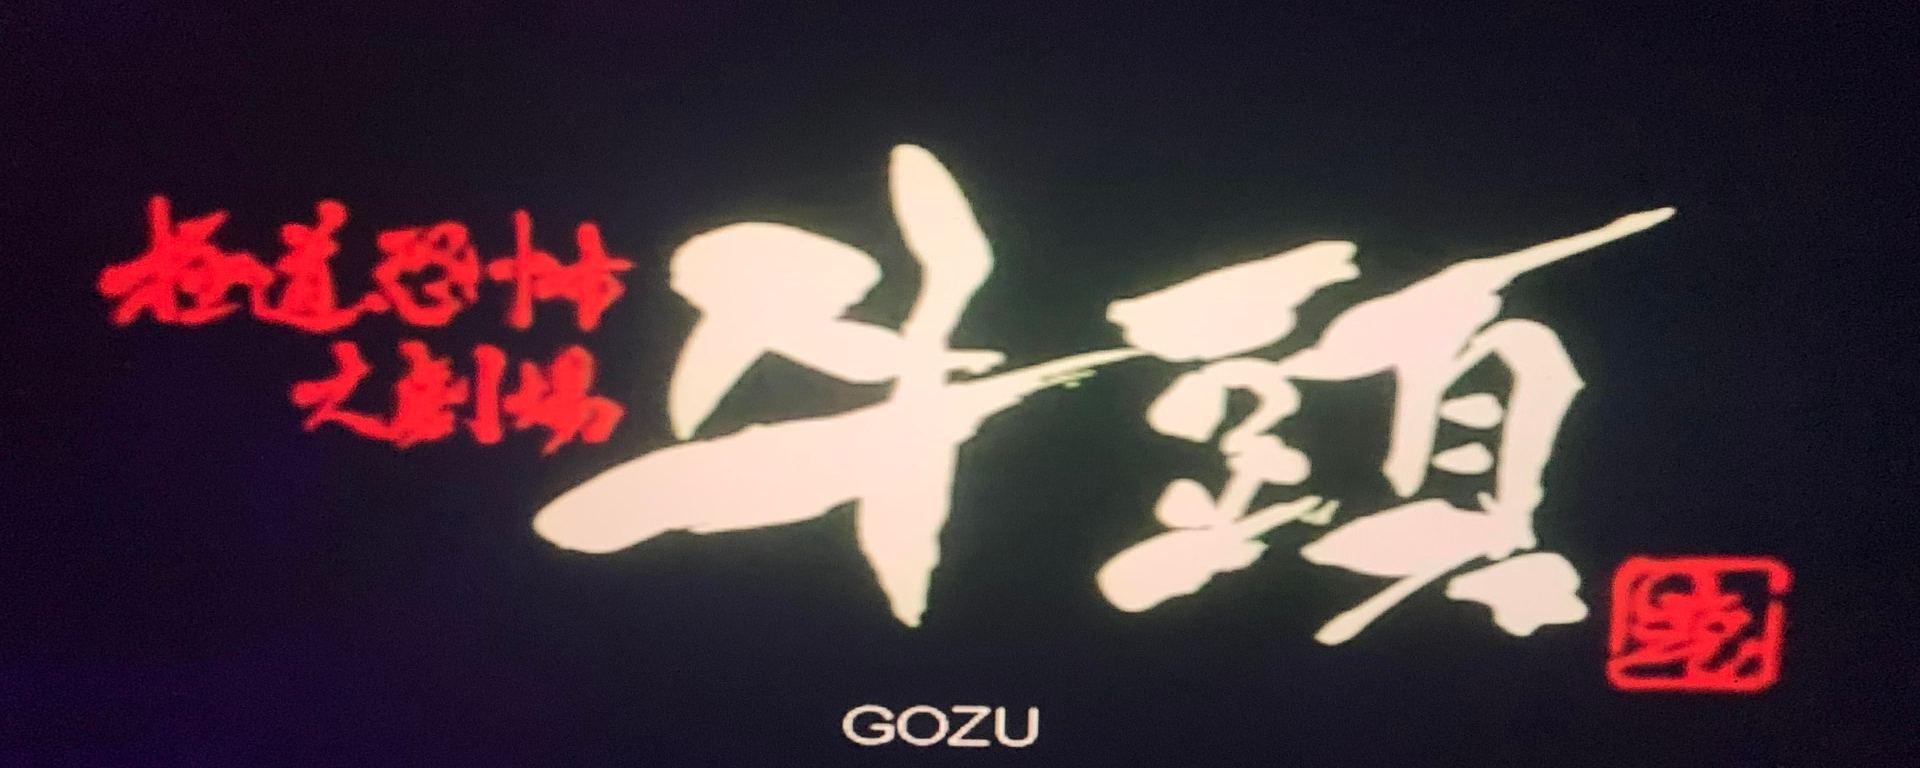 a screenshot from the Gozu